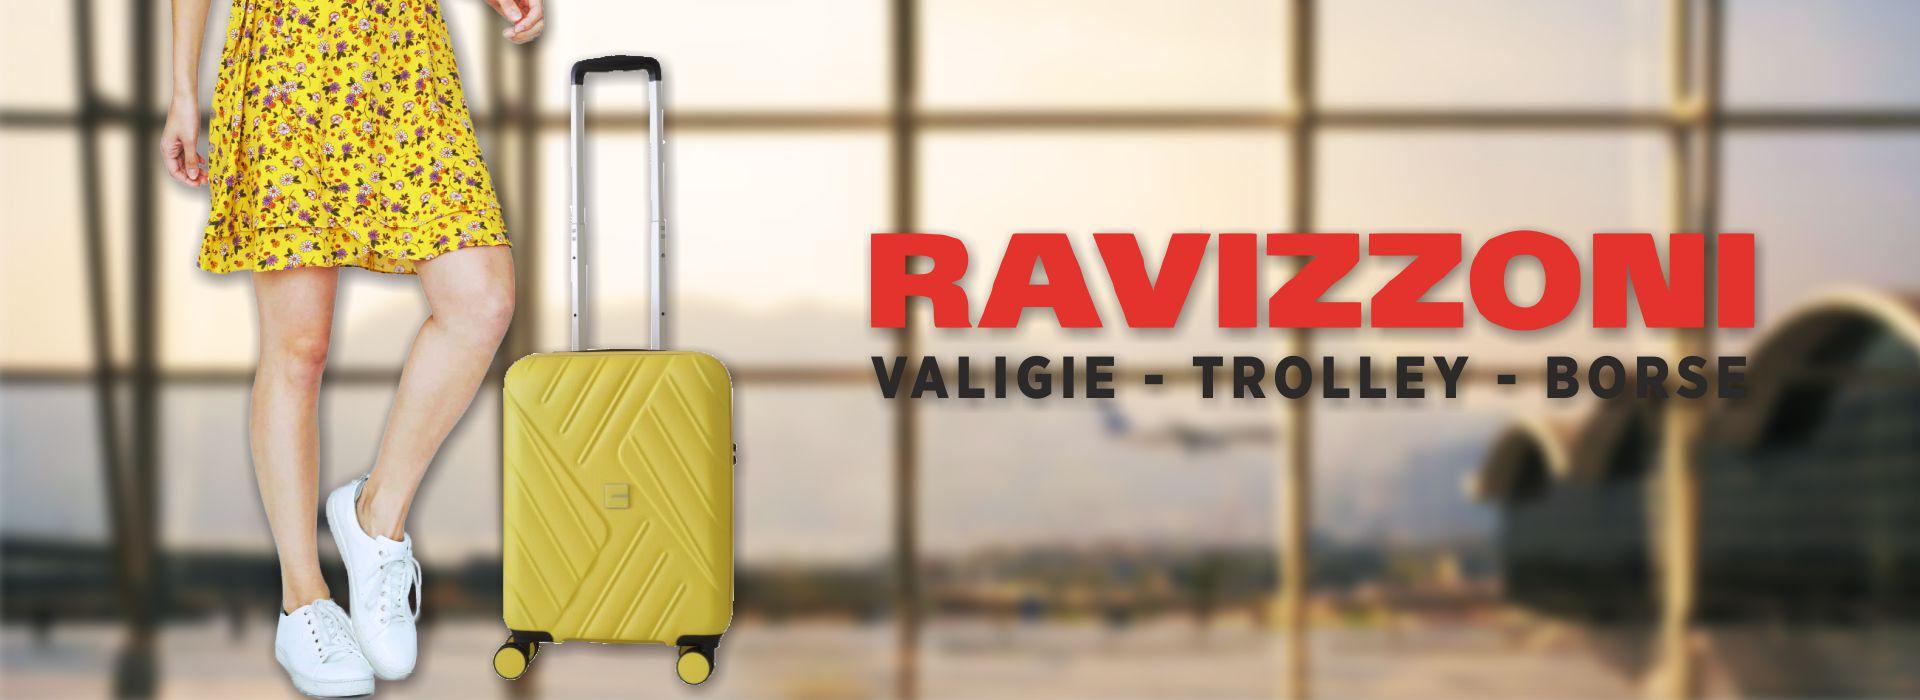 Ravizzoni trolley per viaggiare meglio